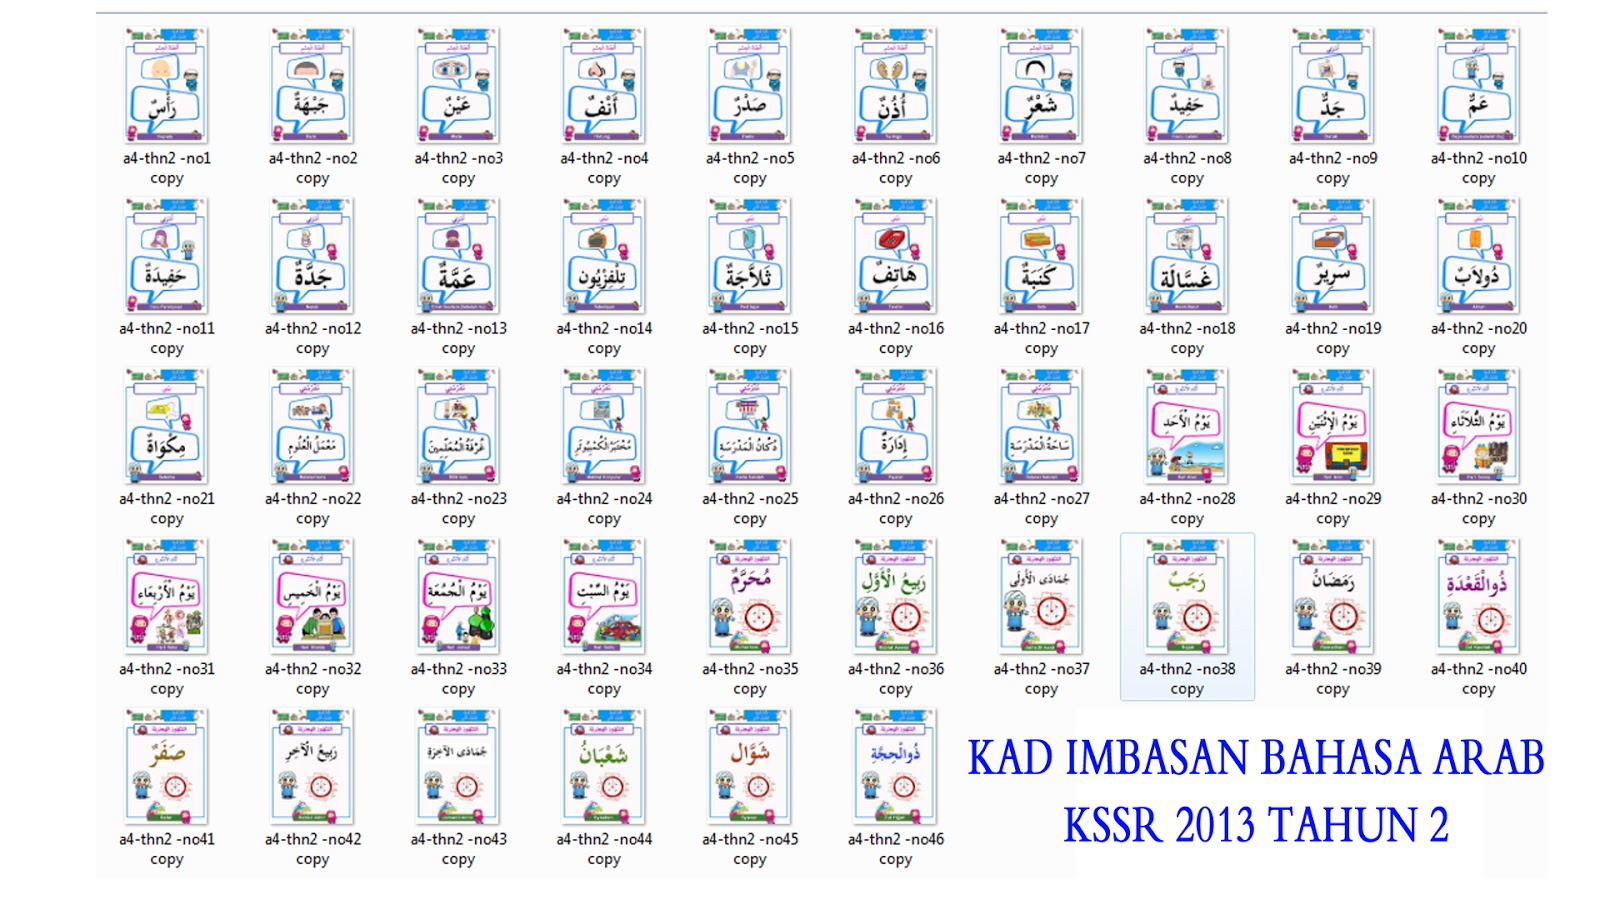 TAHUN 3 - 60 KEPING X RM5 = RM300.00 (TIDAK TERMASUK KOS POS)